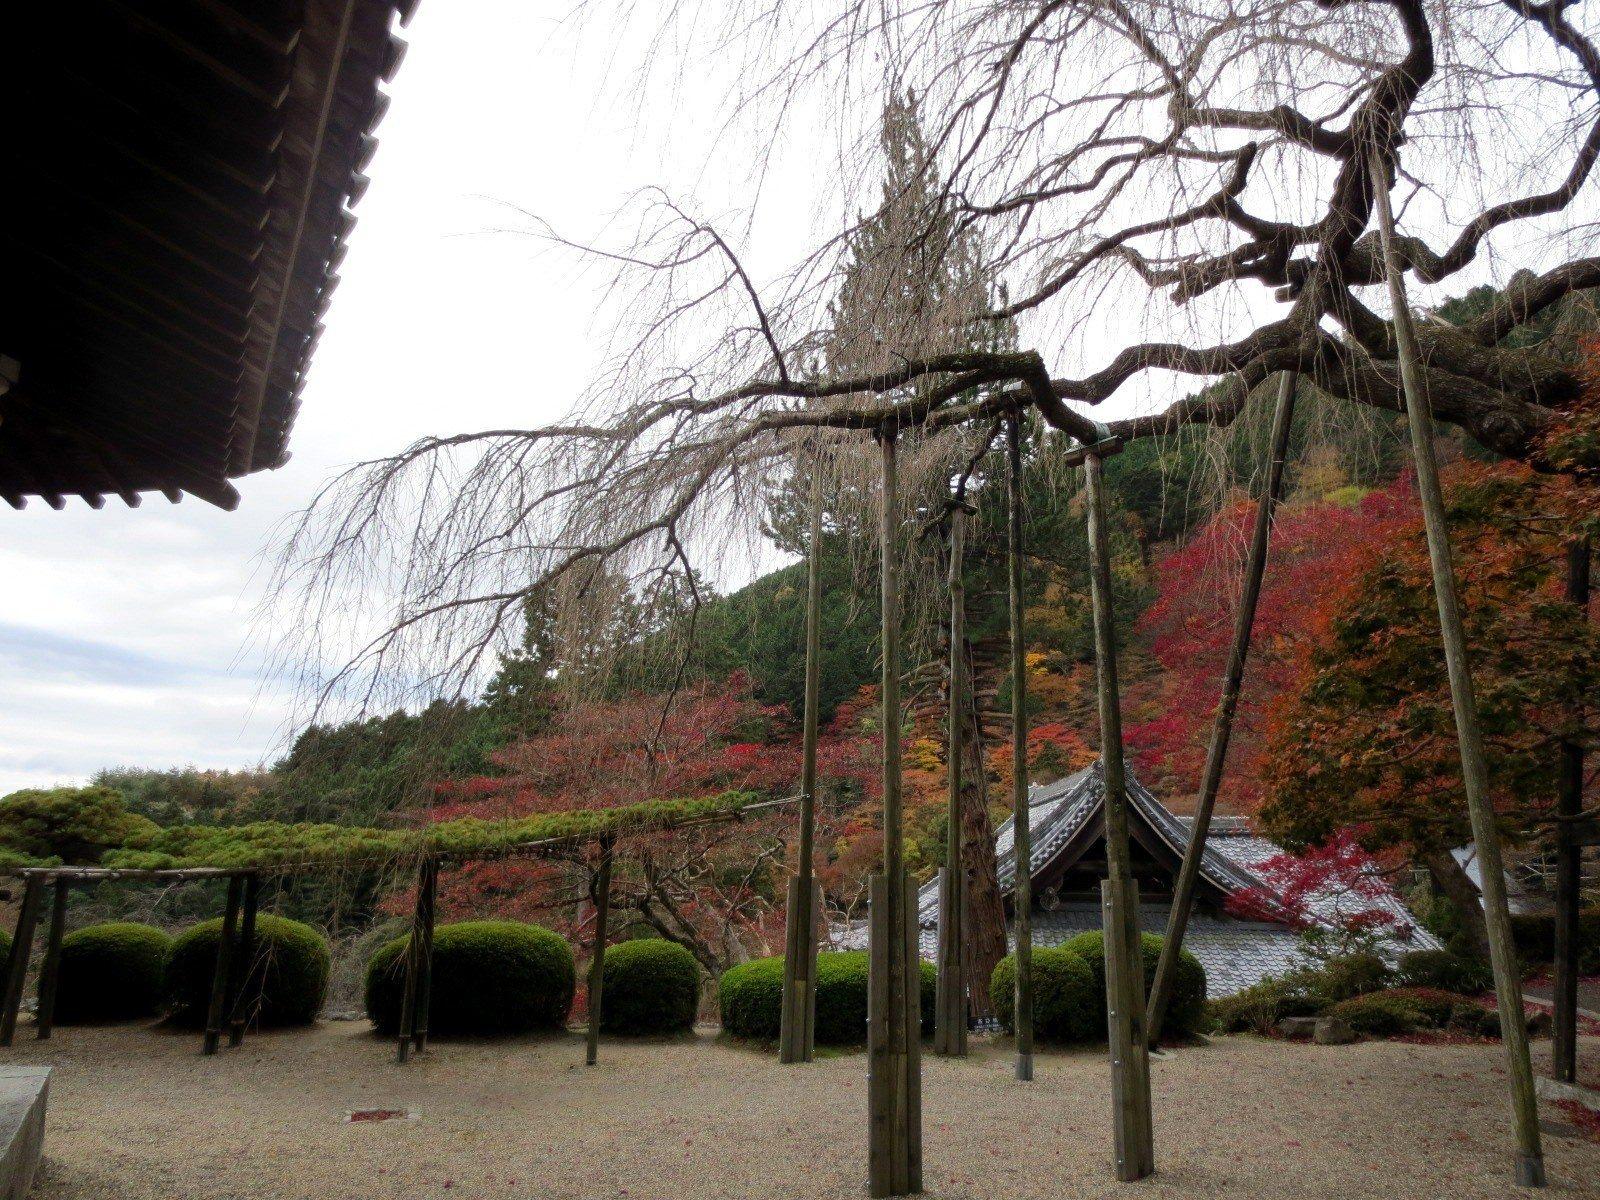 桂昌院内有种植枝垂樱